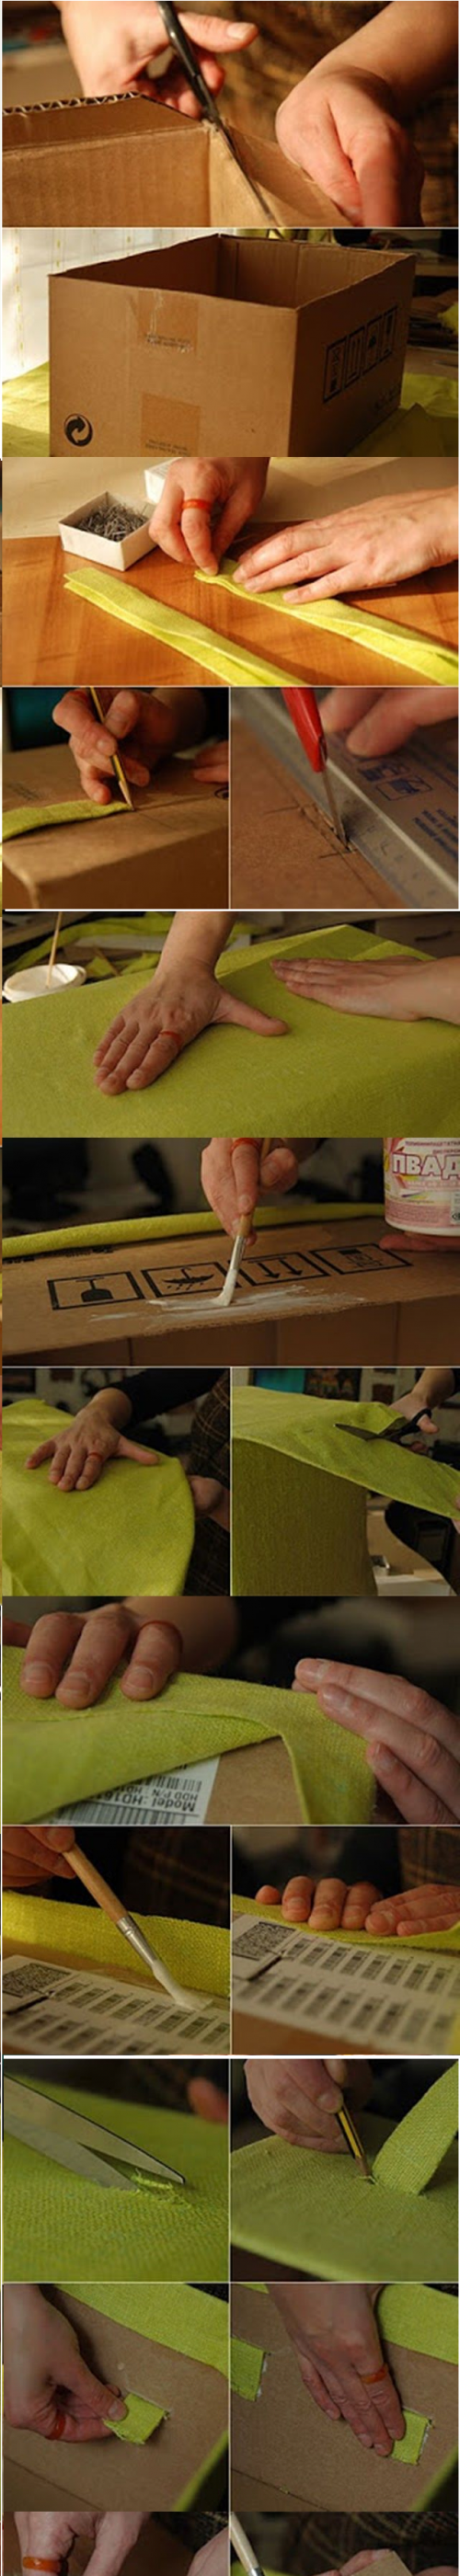 caja de carton1